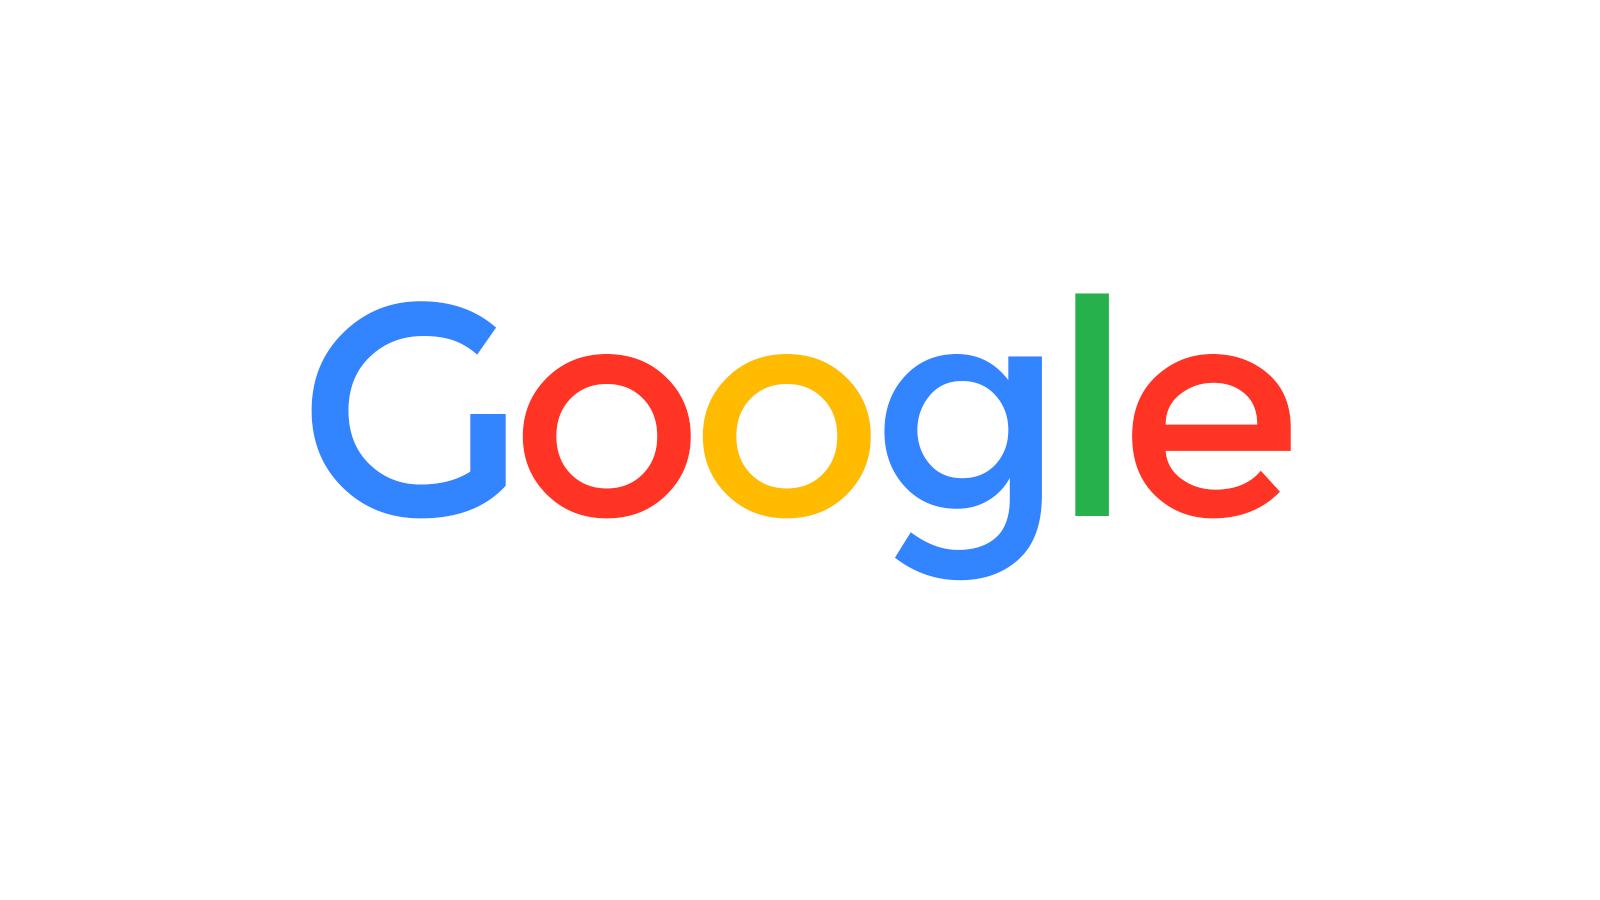 Action Google : tout savoir avant de l'acheter